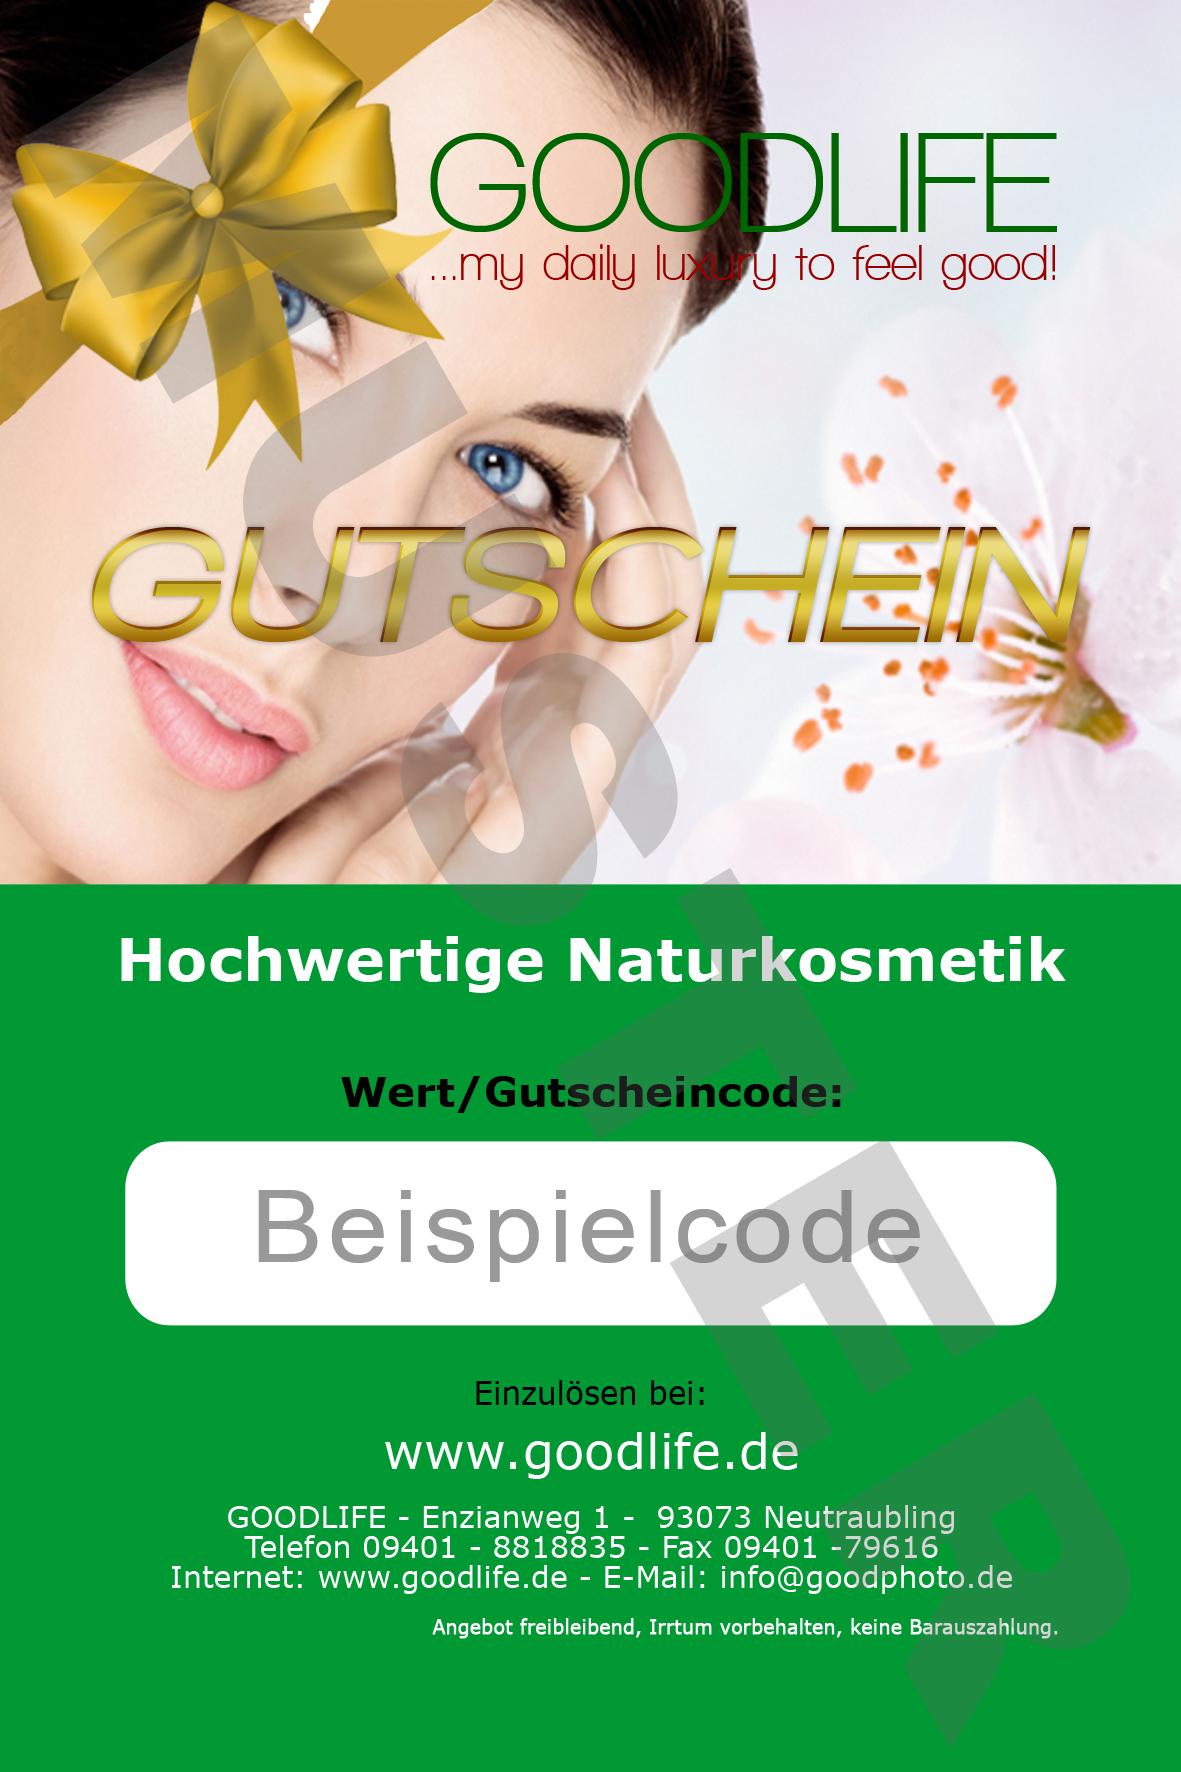 GOODLIFE Hochwertige Naturkosmetik Gutschein